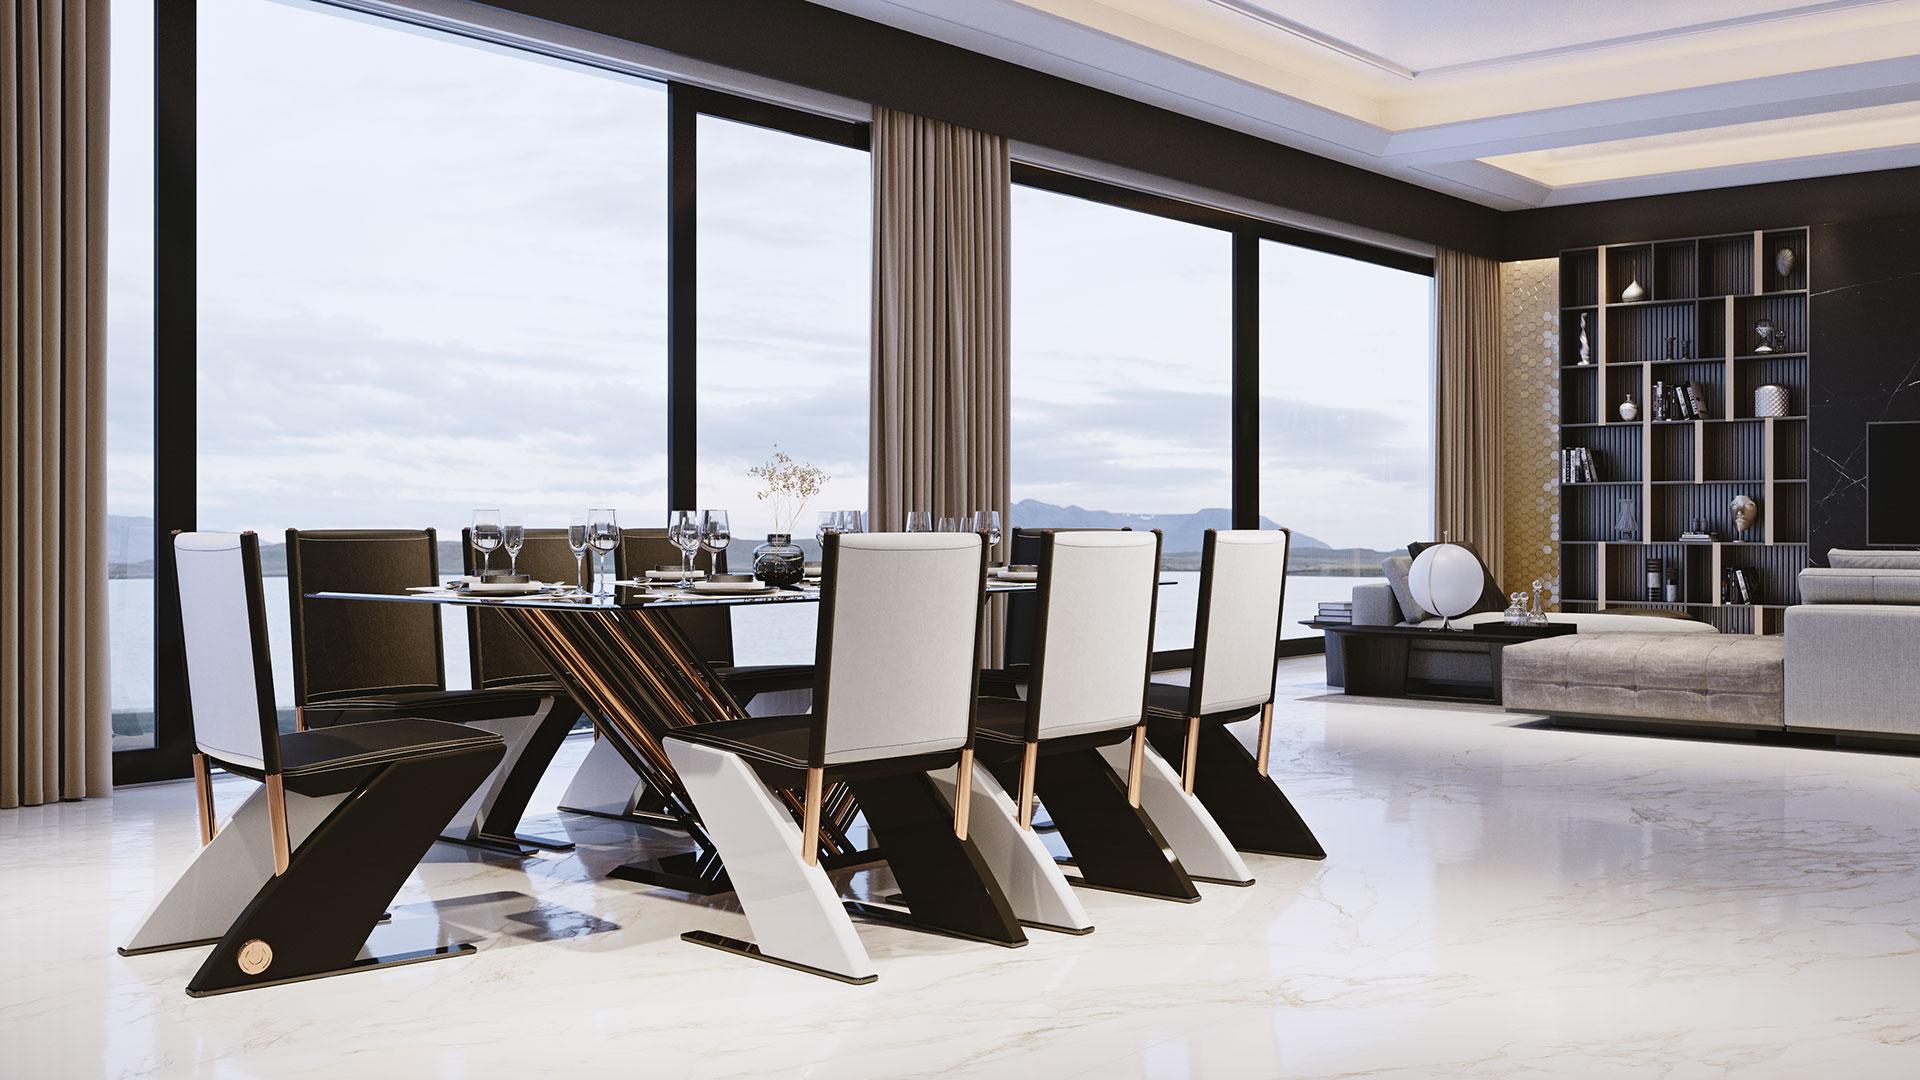 Delta chairs by Adam Edward Design